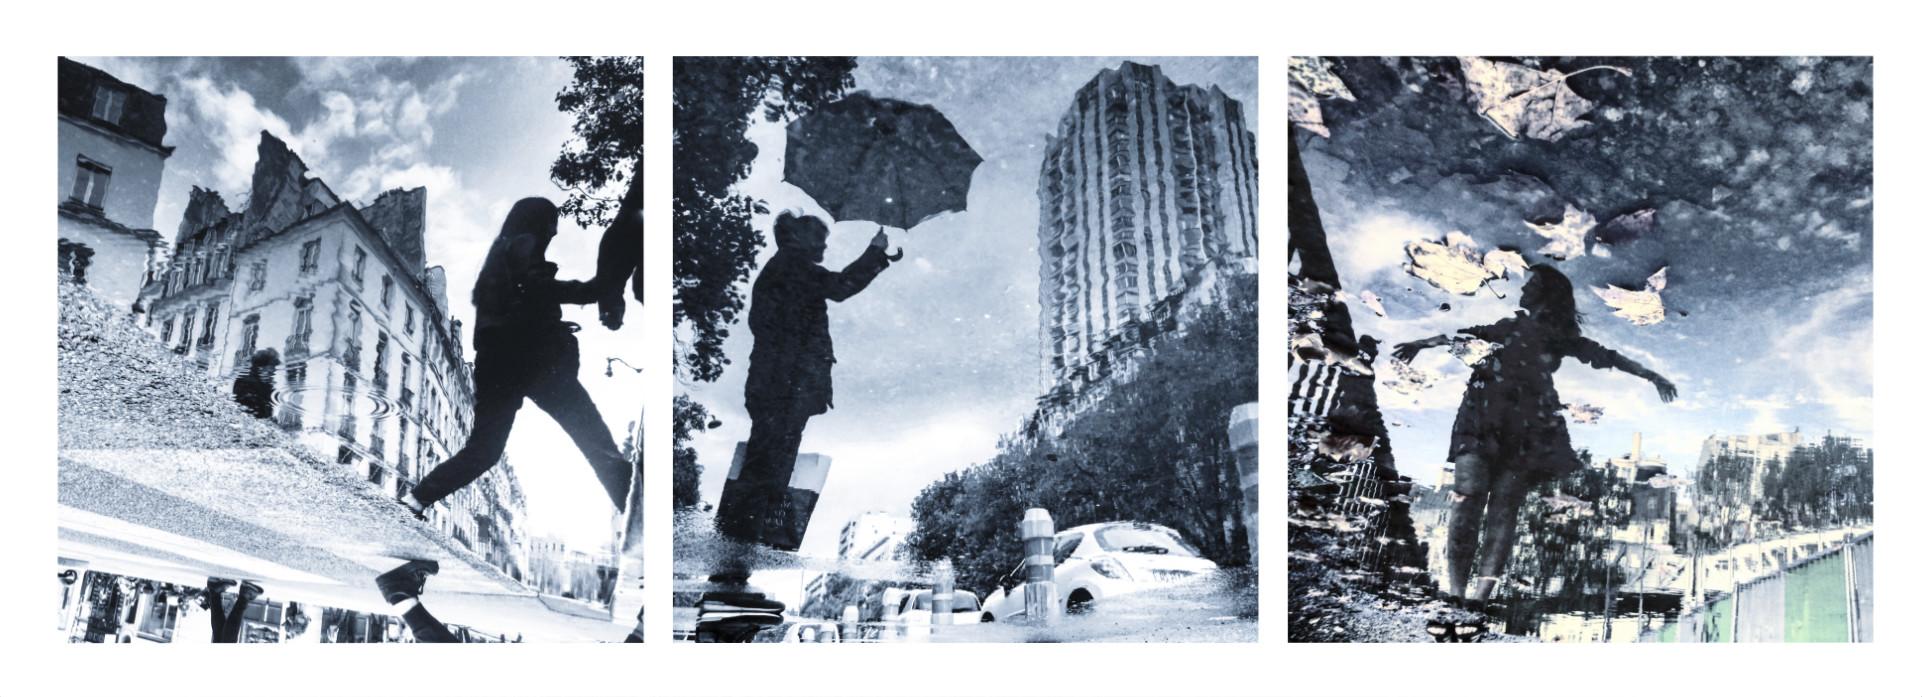 Sous l'eau- La bande song - Samuel Rozenbaum